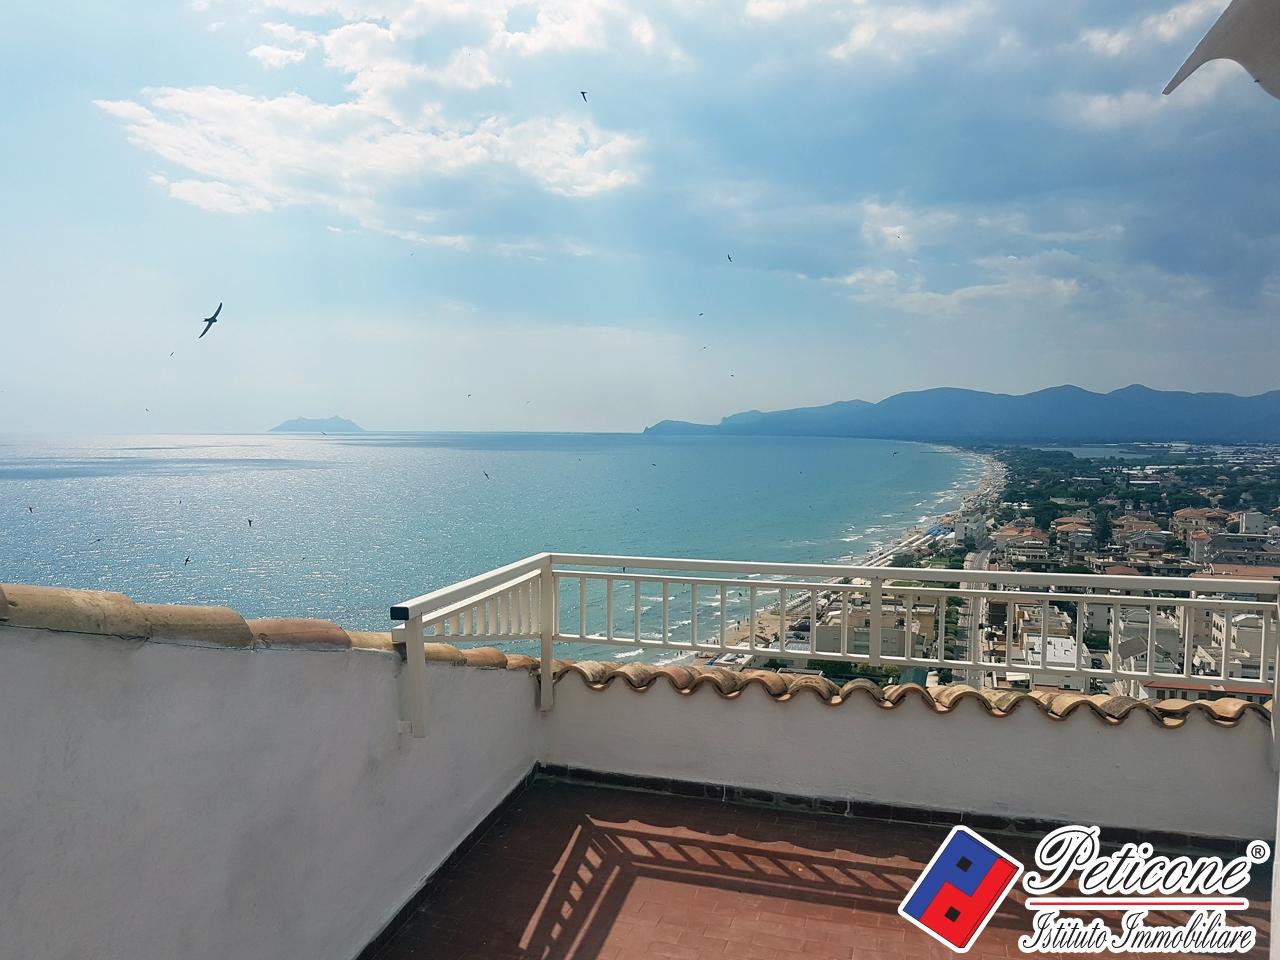 Appartamento in vendita a Sperlonga, 4 locali, zona Località: CentroStorico, prezzo € 420.000 | PortaleAgenzieImmobiliari.it